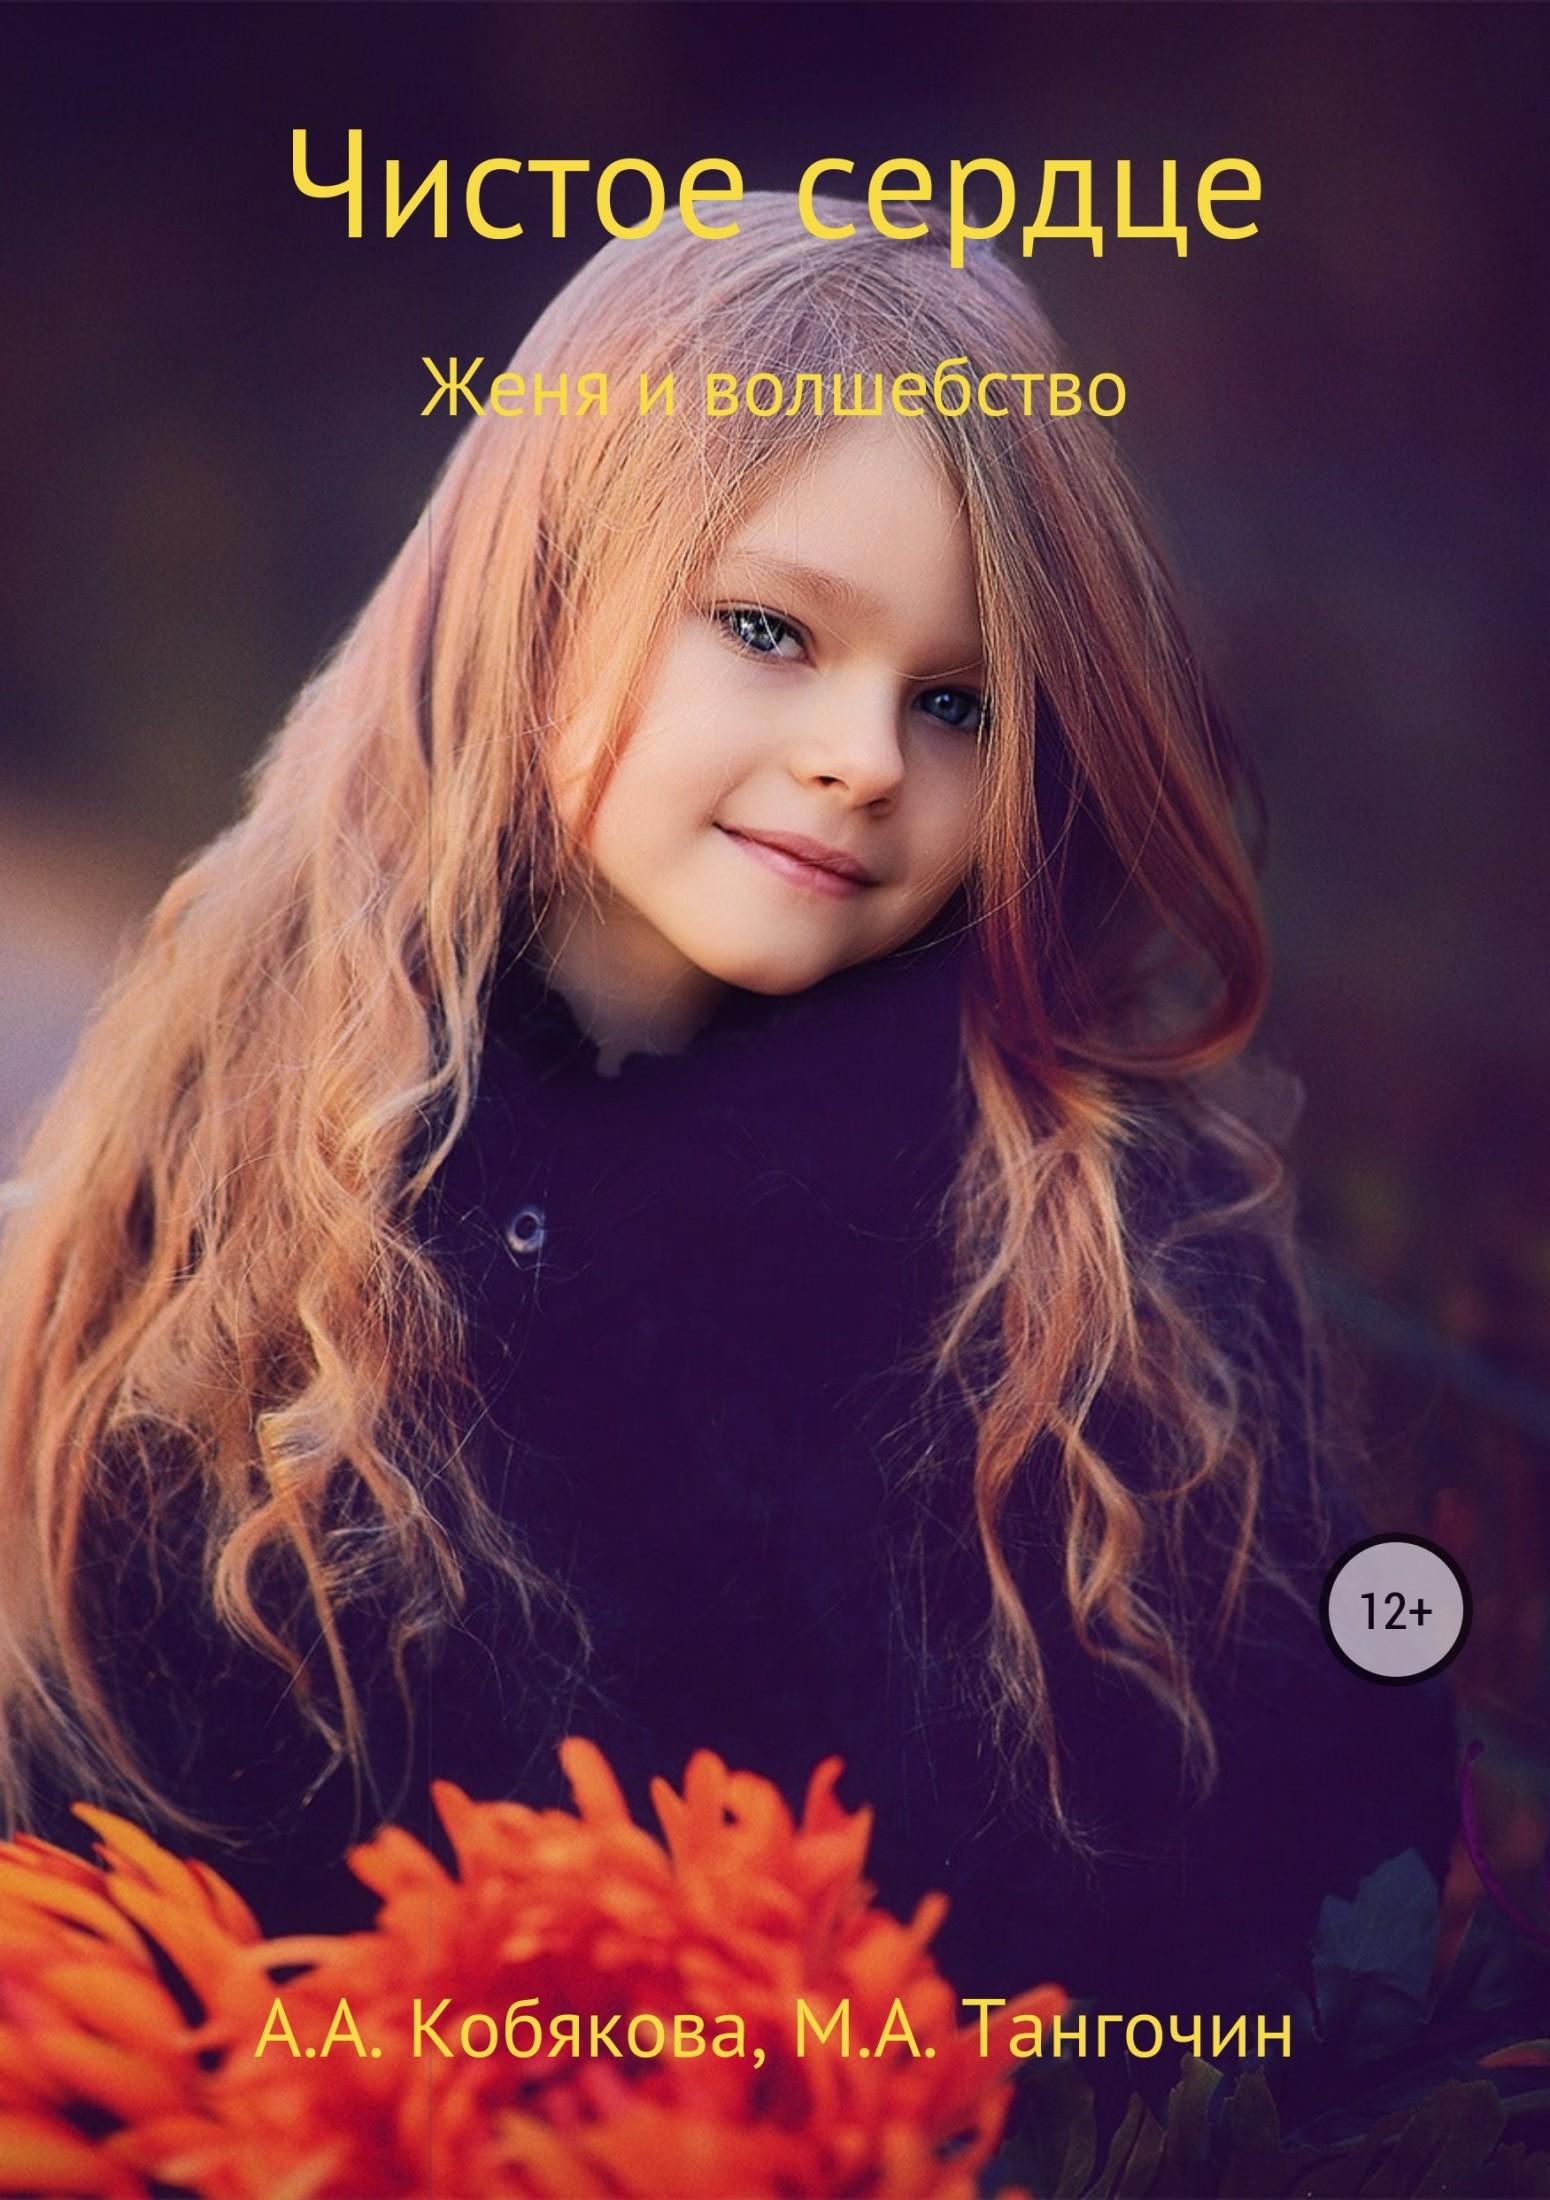 Анастасия Кобякова бесплатно